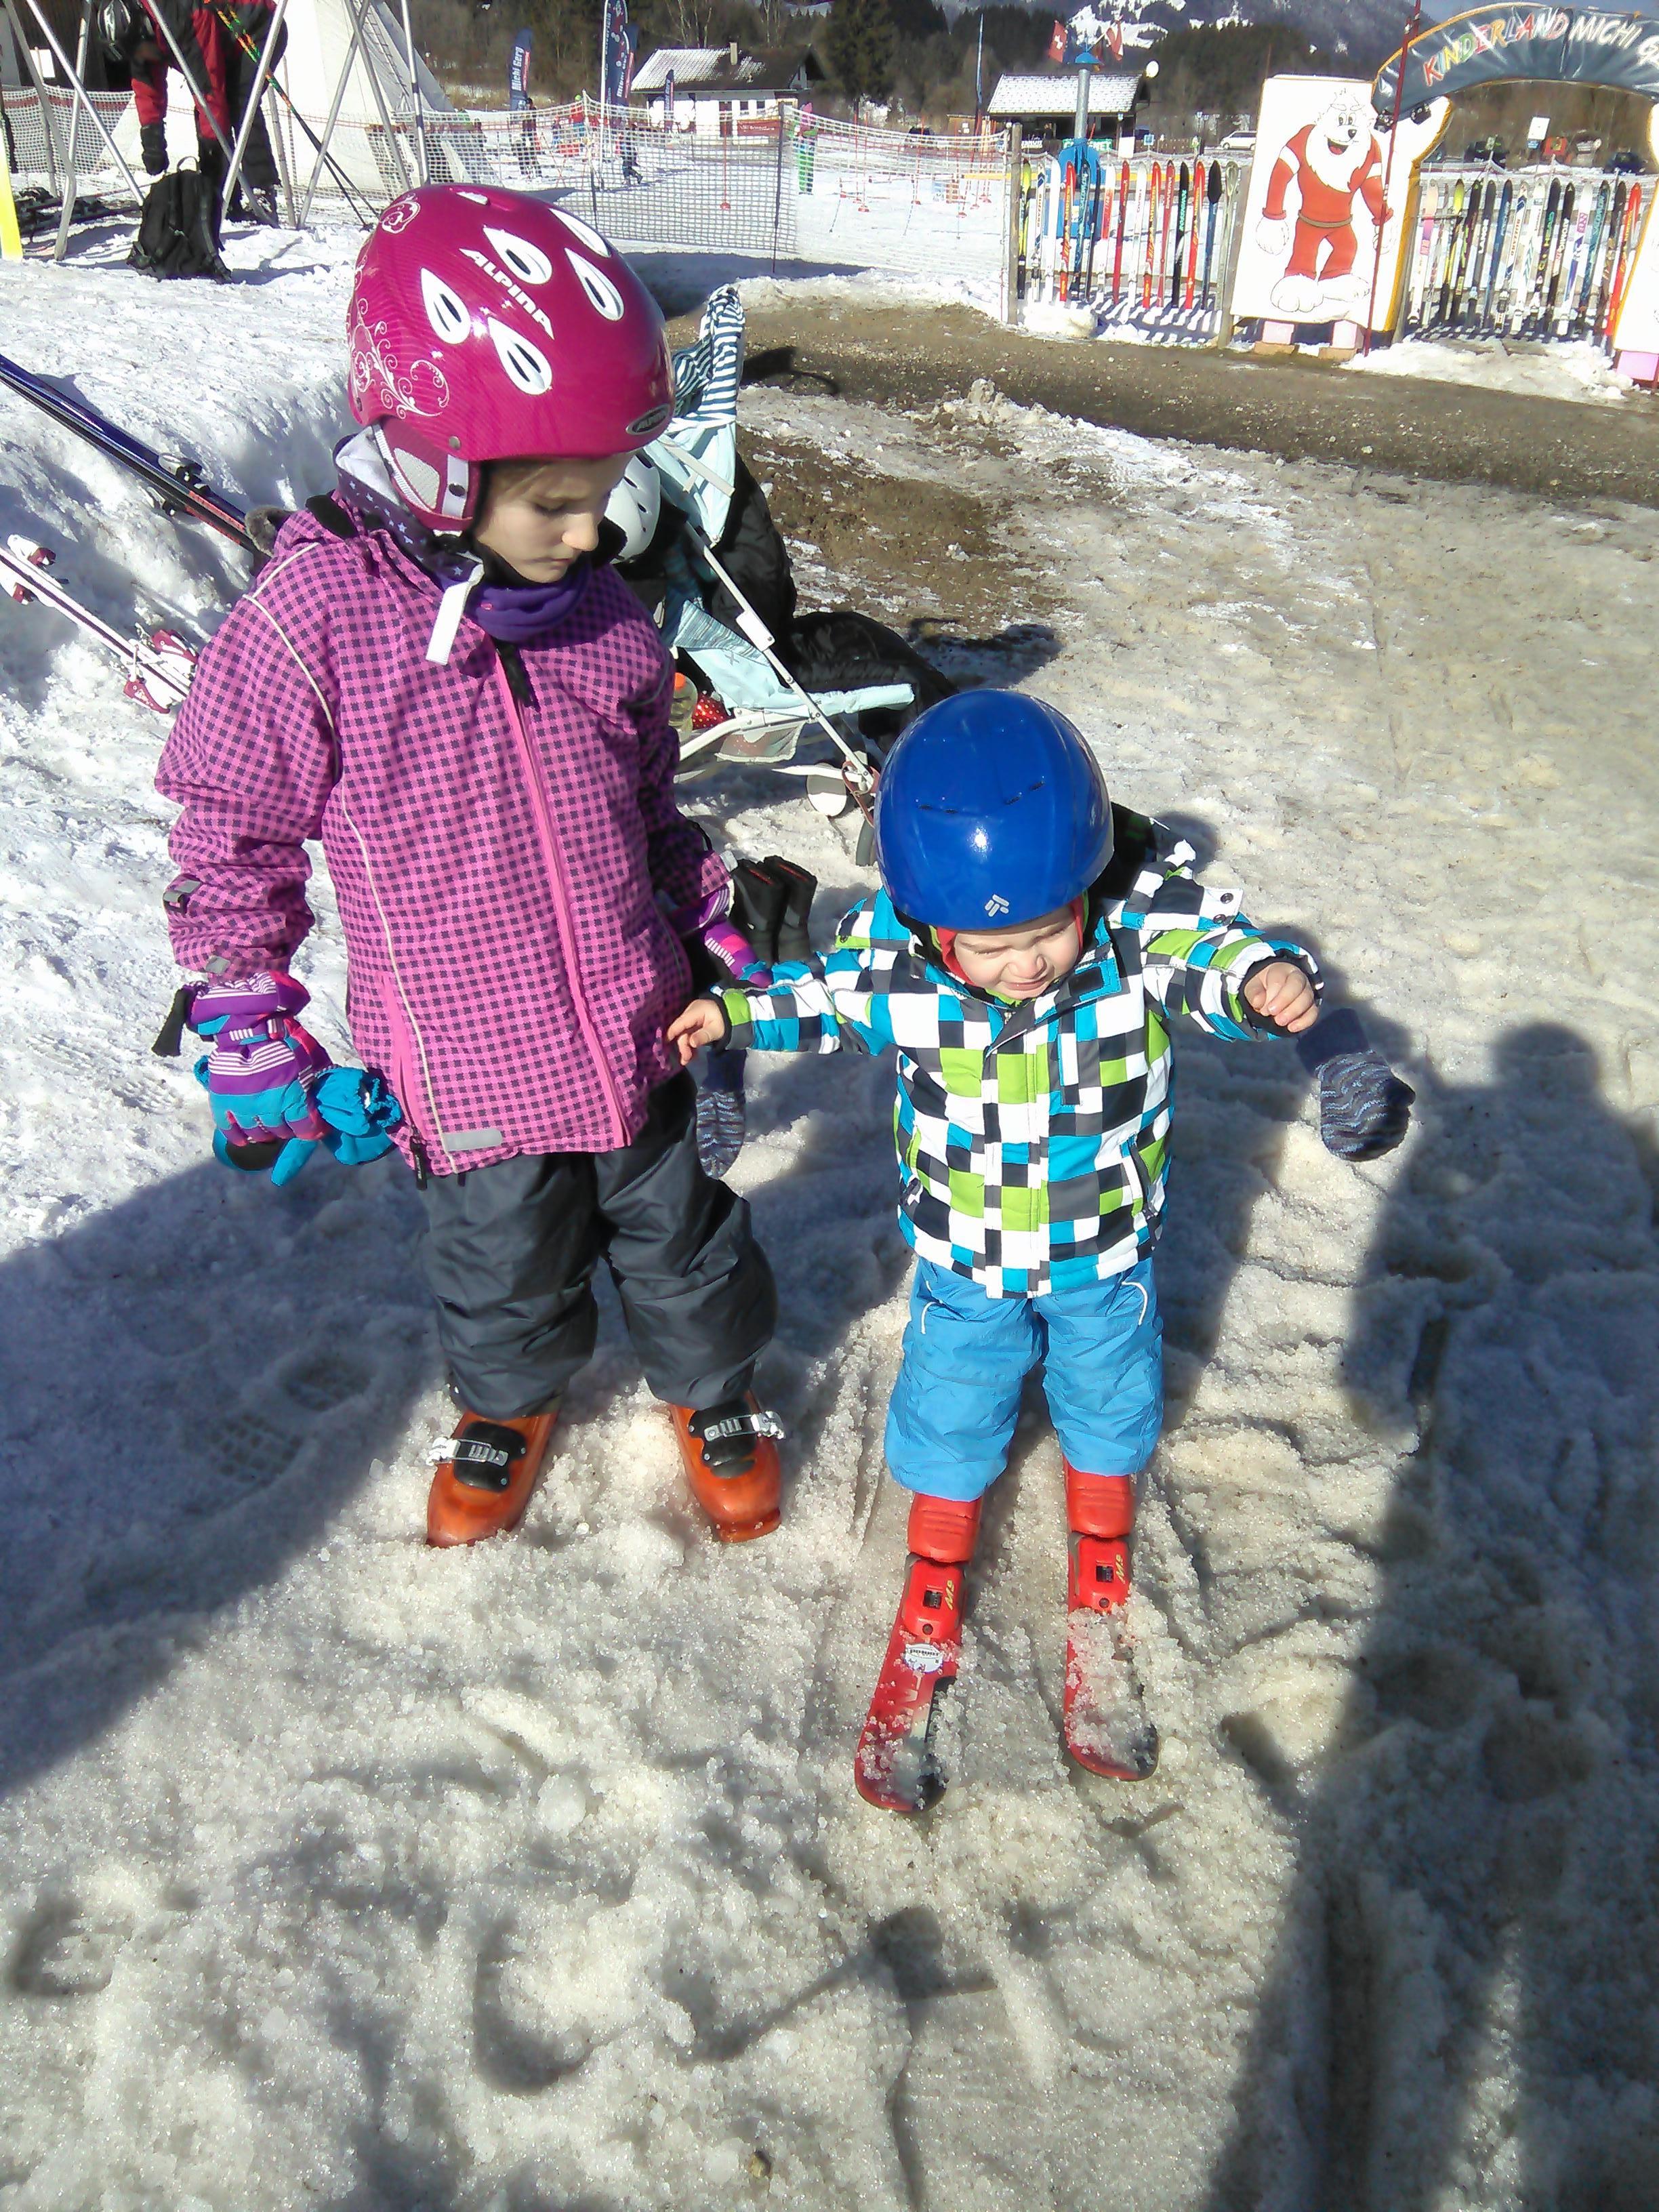 anton ski